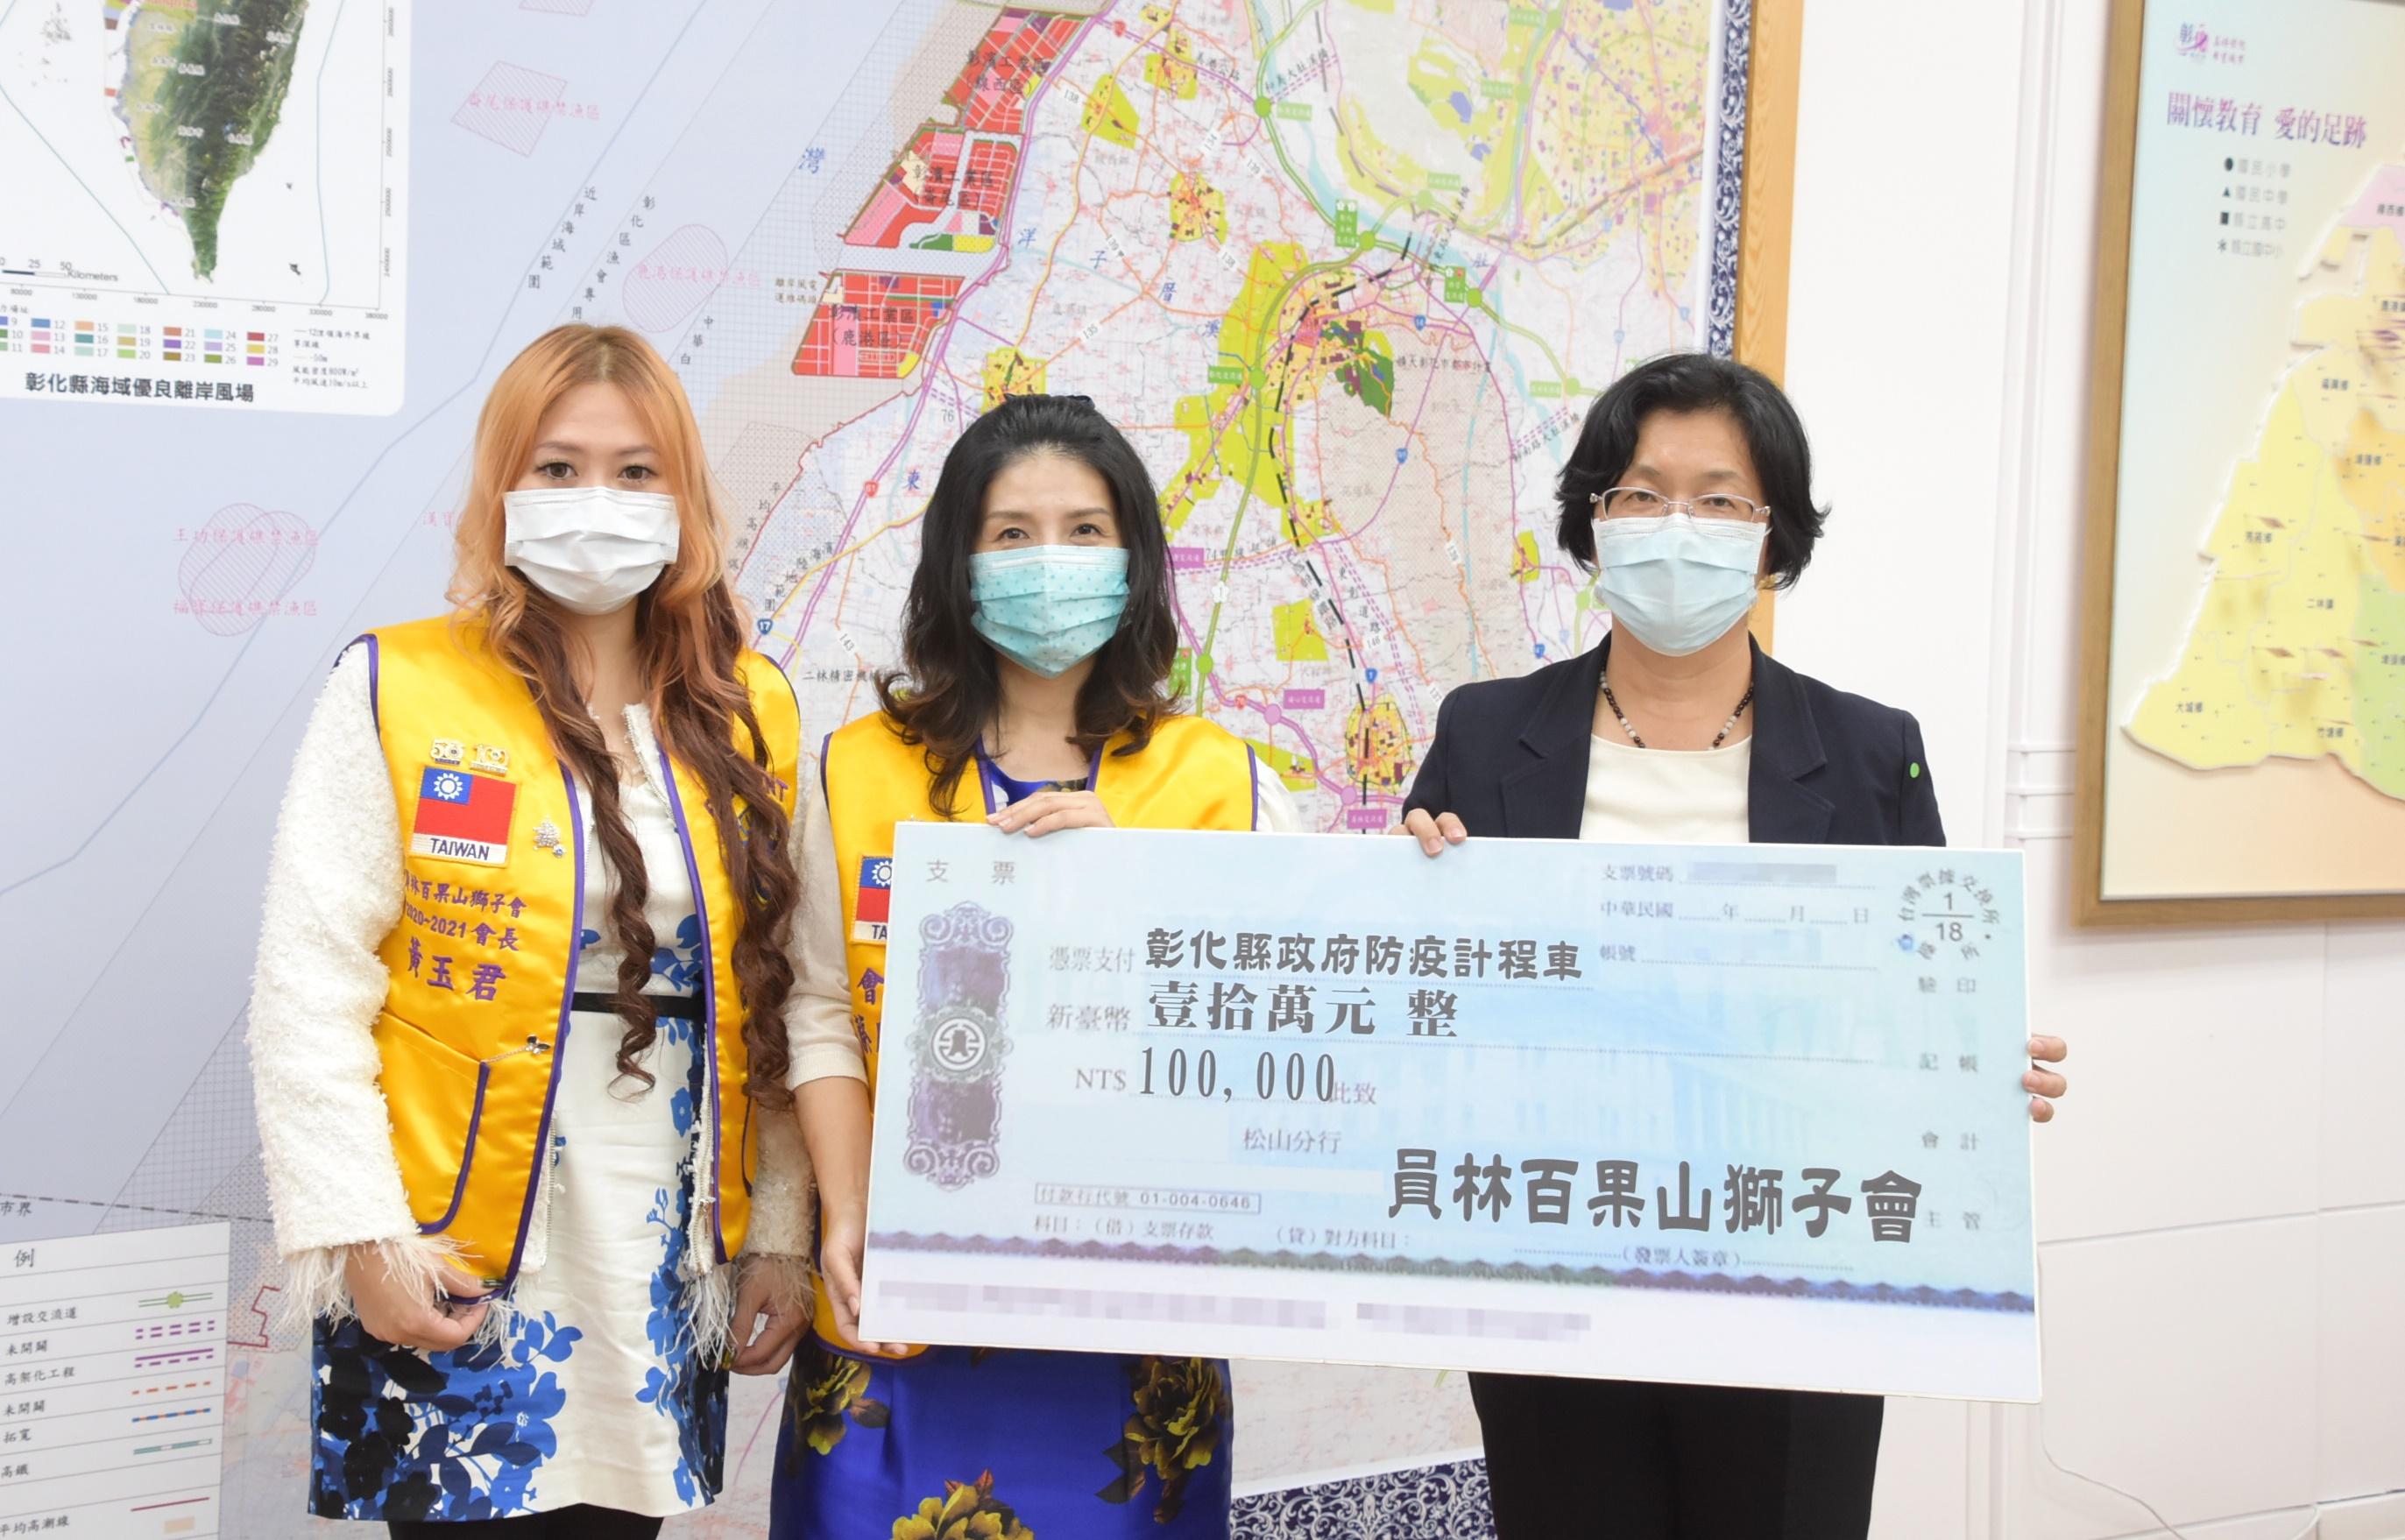 民間團體愛心捐款 充實縣內防疫能量